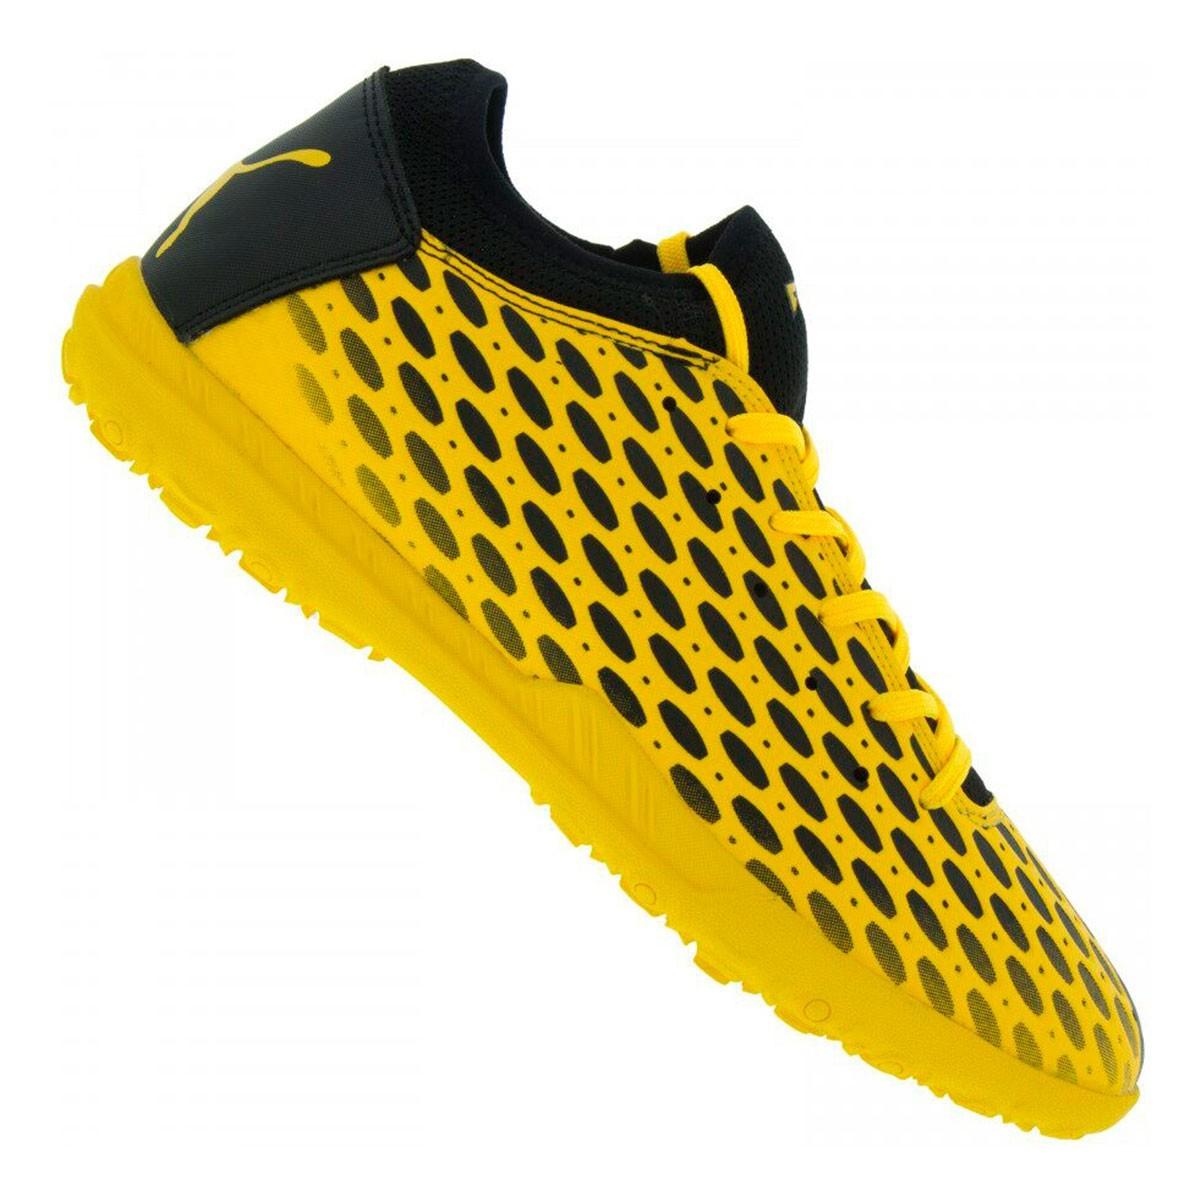 Chuteira Society Puma Future 5.4 TT BDP - Amarelo e Preto